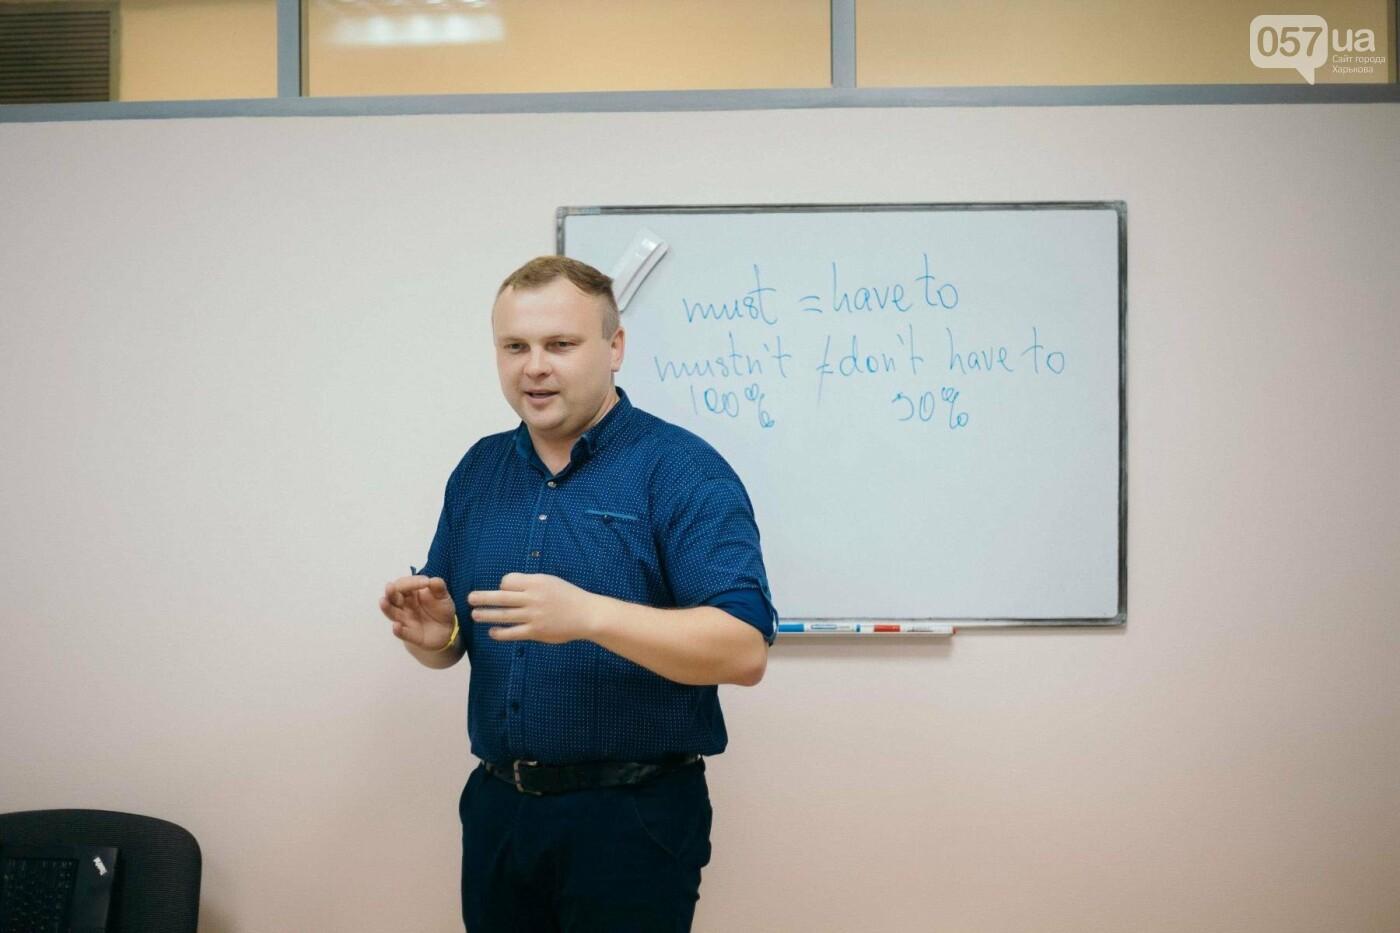 Курсы английского в Харькове ᐈ куда пойти учить английский?, фото-70